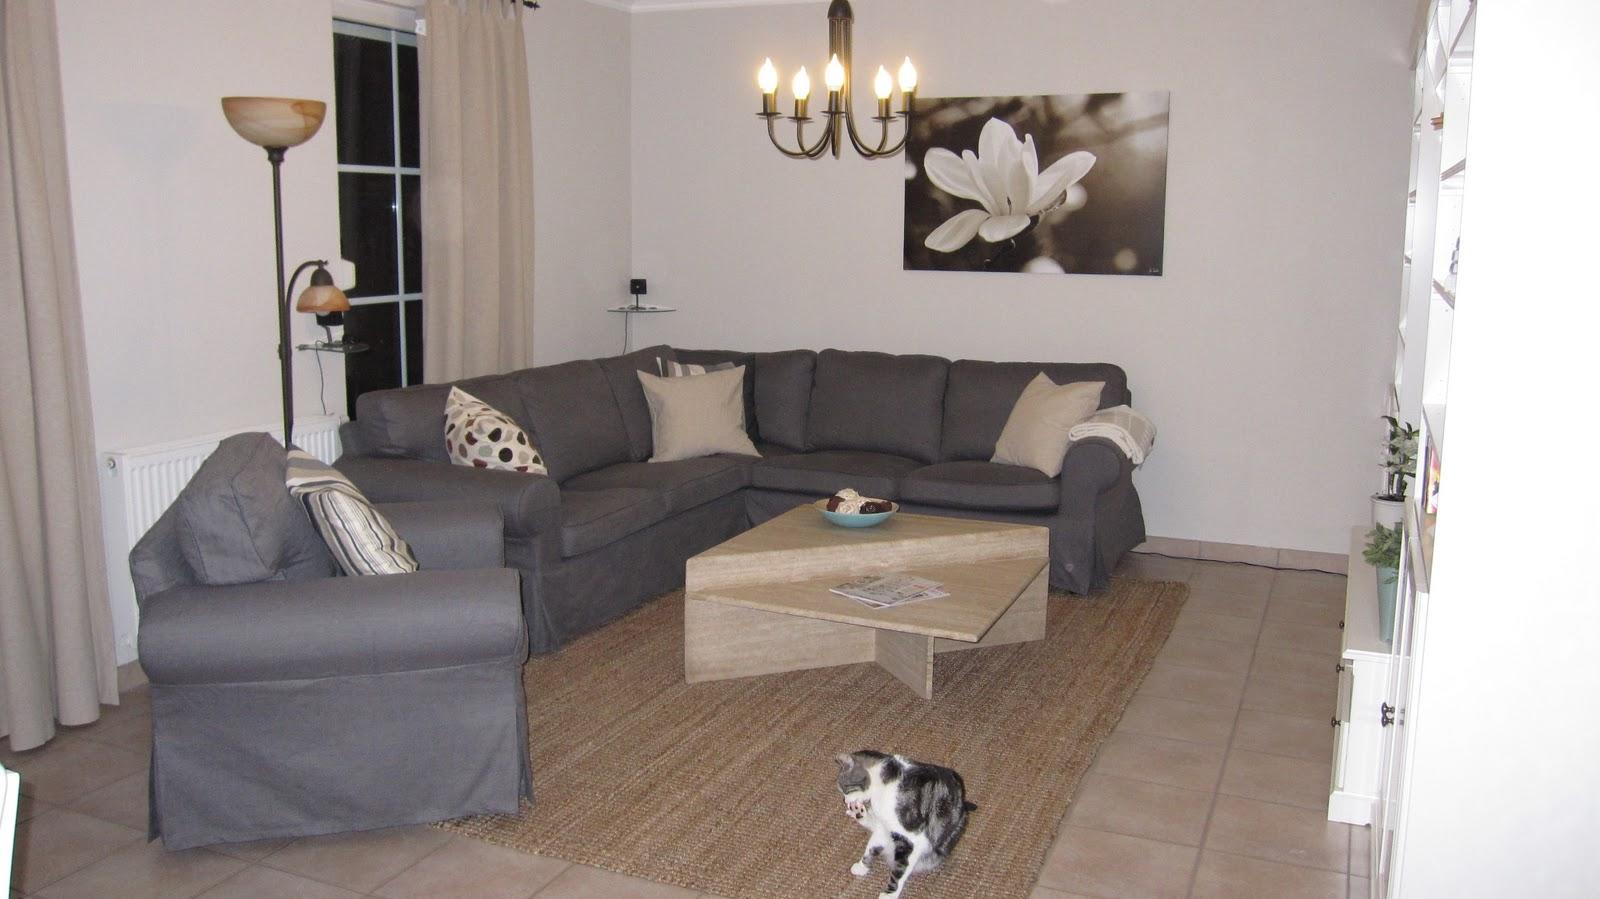 Ikea wohnzimmerschrank: ikea wohnzimmer schrank. gebraucht ...